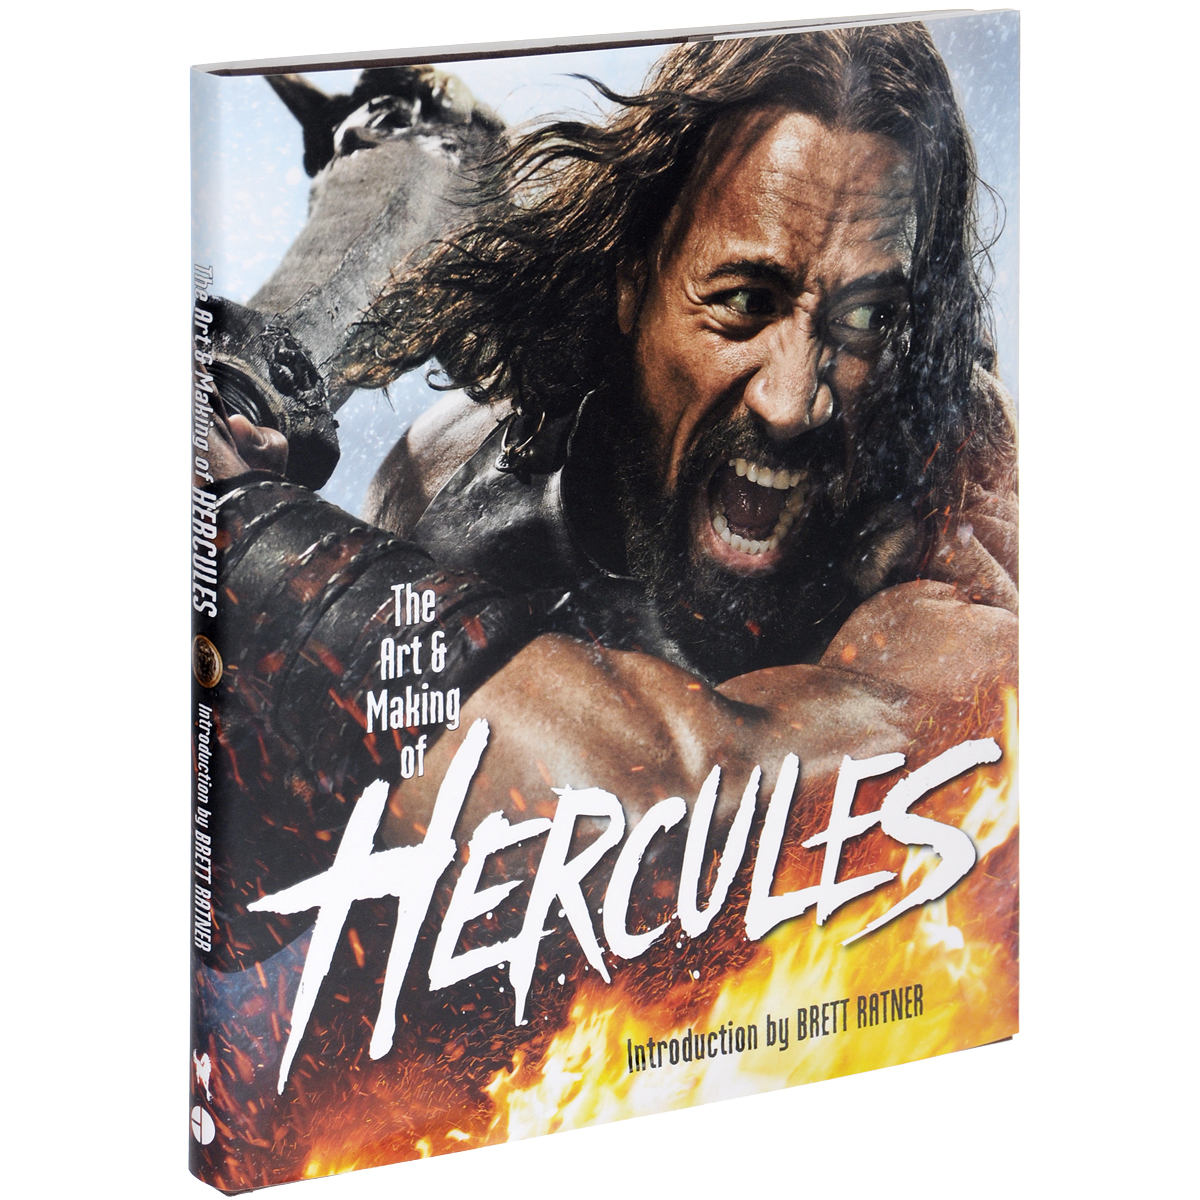 Art & Making of Hercules